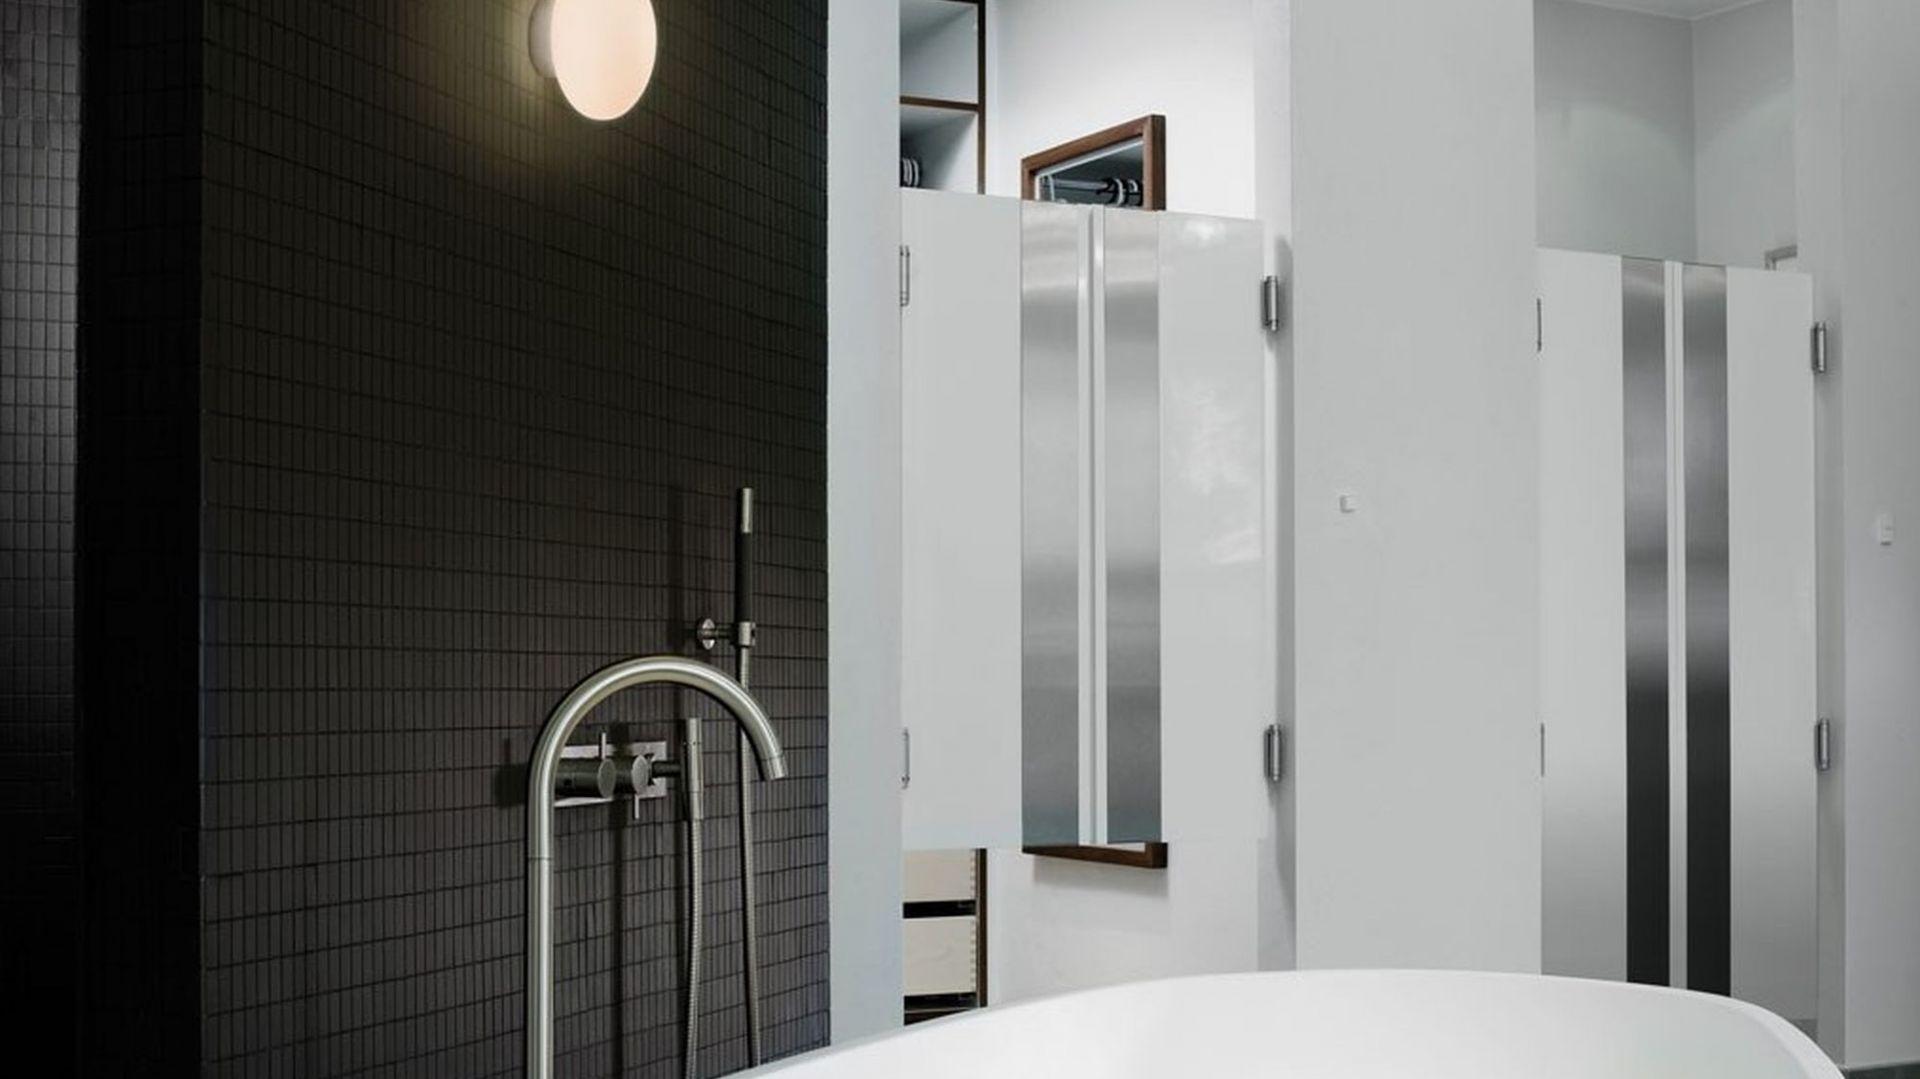 Oświetlenie do łazienki: kinkiet Zeppo. Fot. Tomix